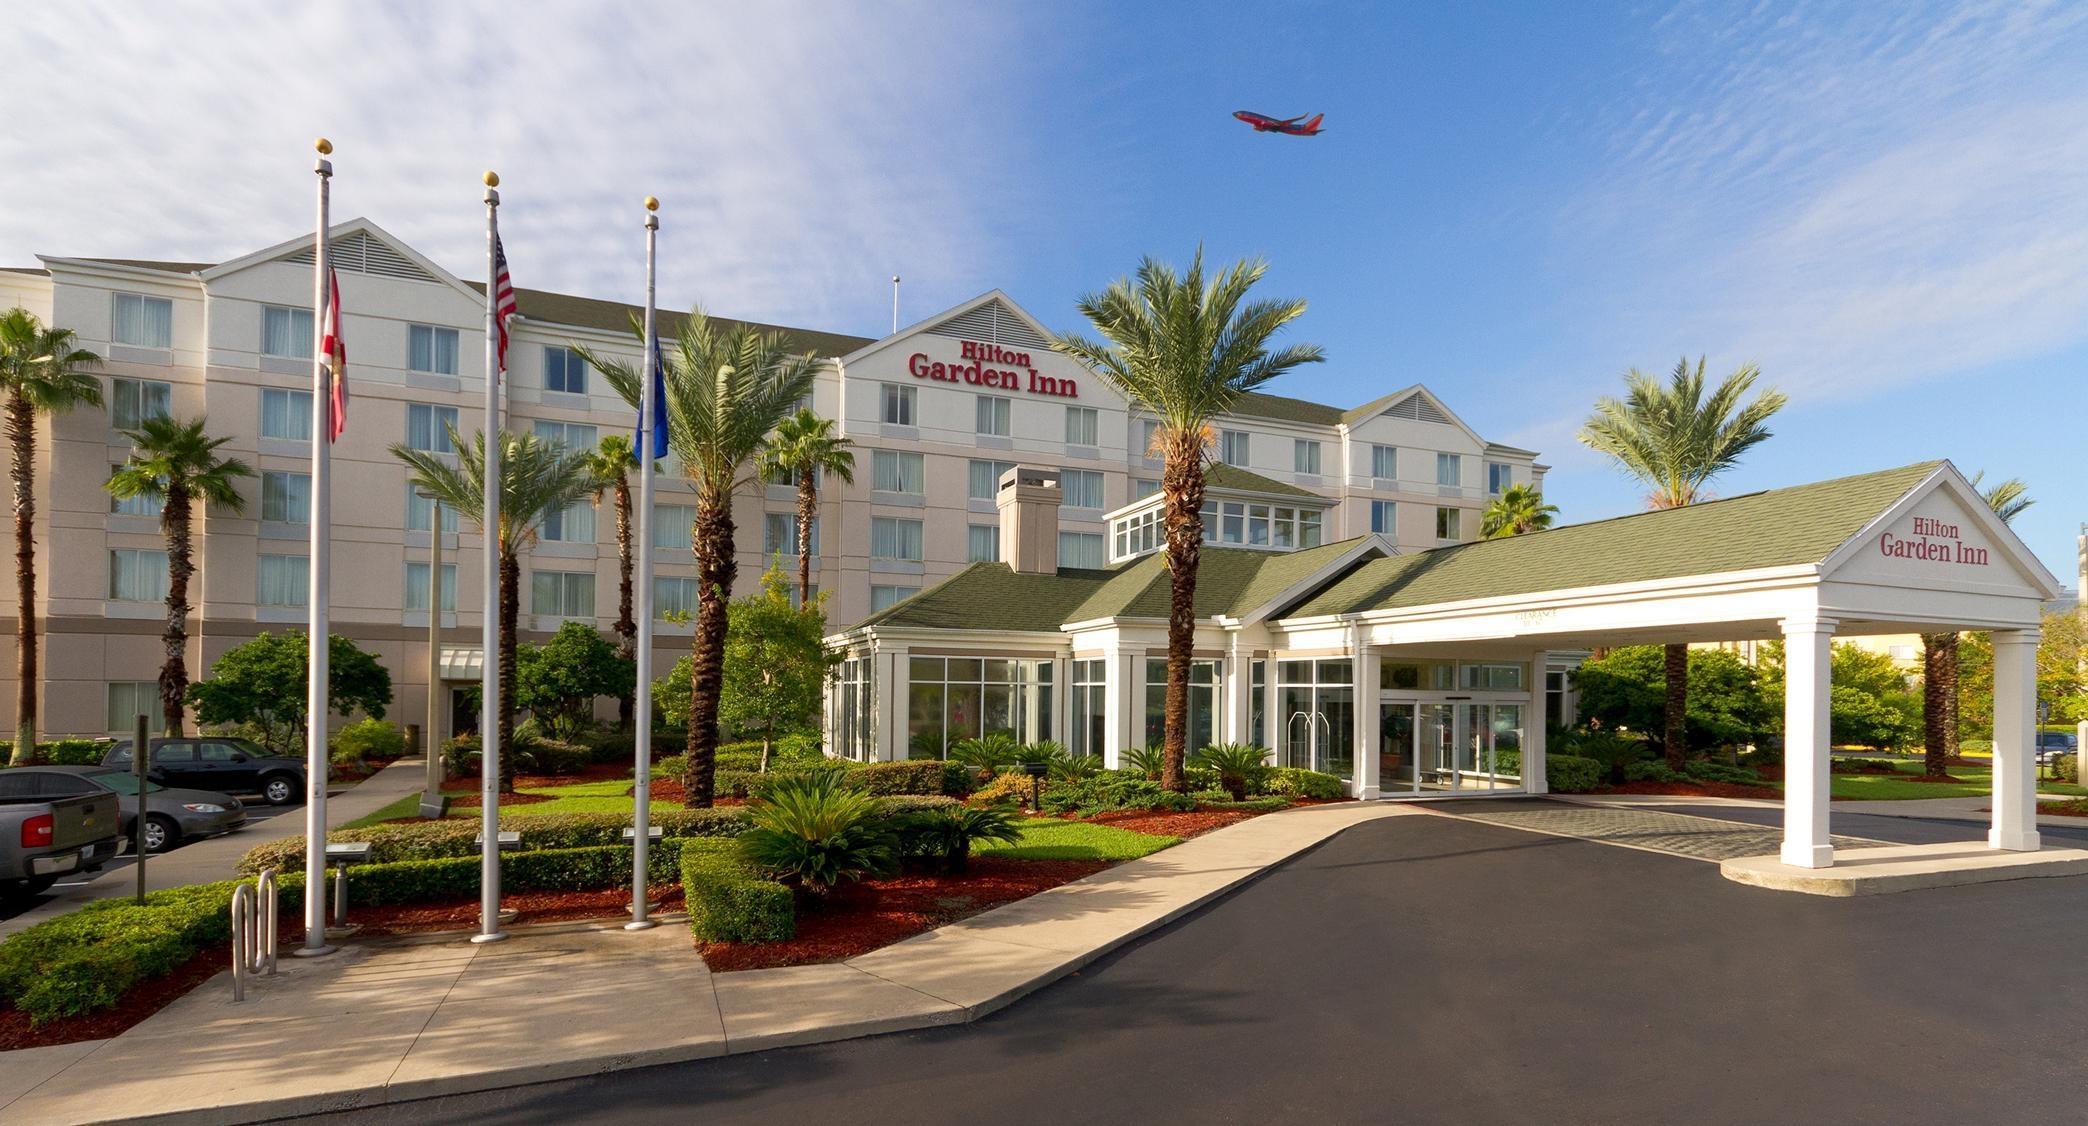 Hilton Garden Inn Jacksonville Airport Jacksonville Fl Business Directory